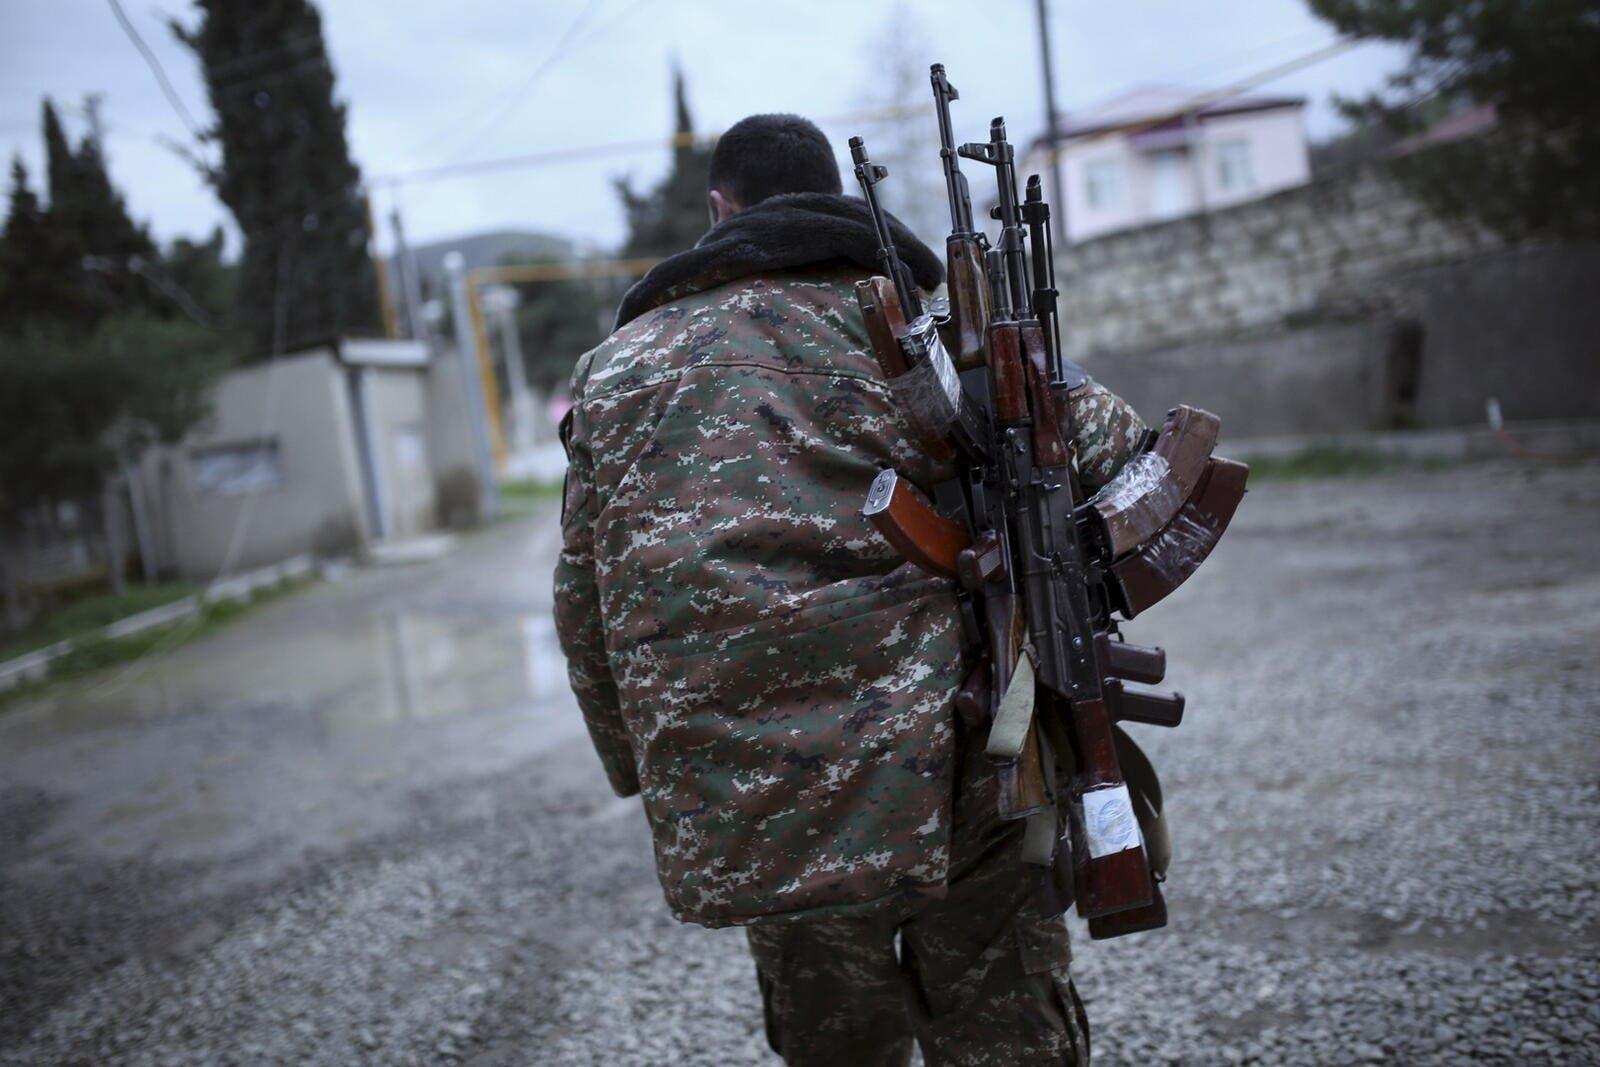 عملاء تركيا يهاجمون المنقوش لمطالبتها برحيل المرتزقة